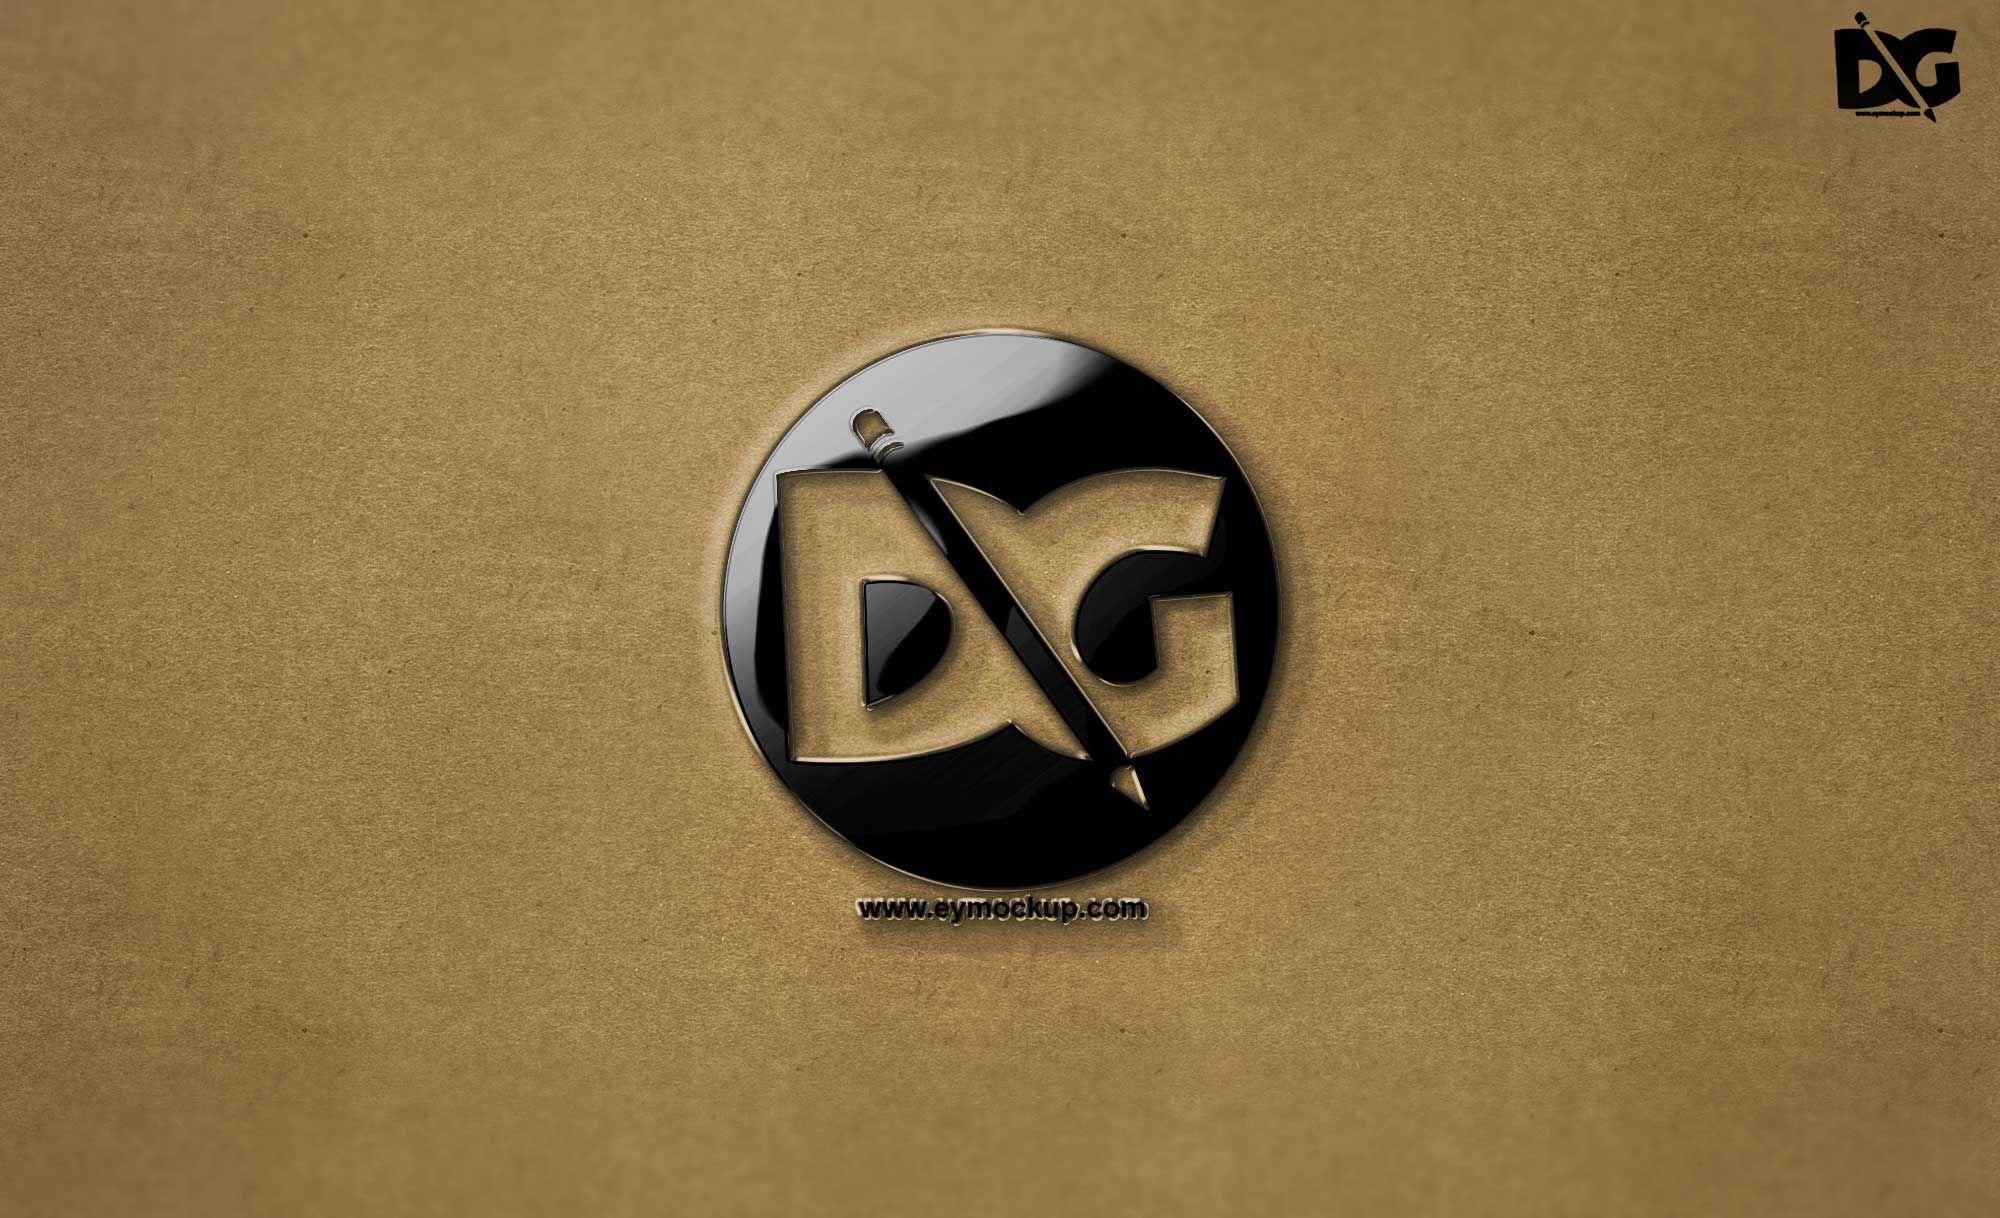 Leather 3d Gold Logo Mockups Branding Download Downloadpsd Free Freemockup Freepsd Freebie Goldlogomock Logo Mockup Logo Design Mockup Mockup Free Psd